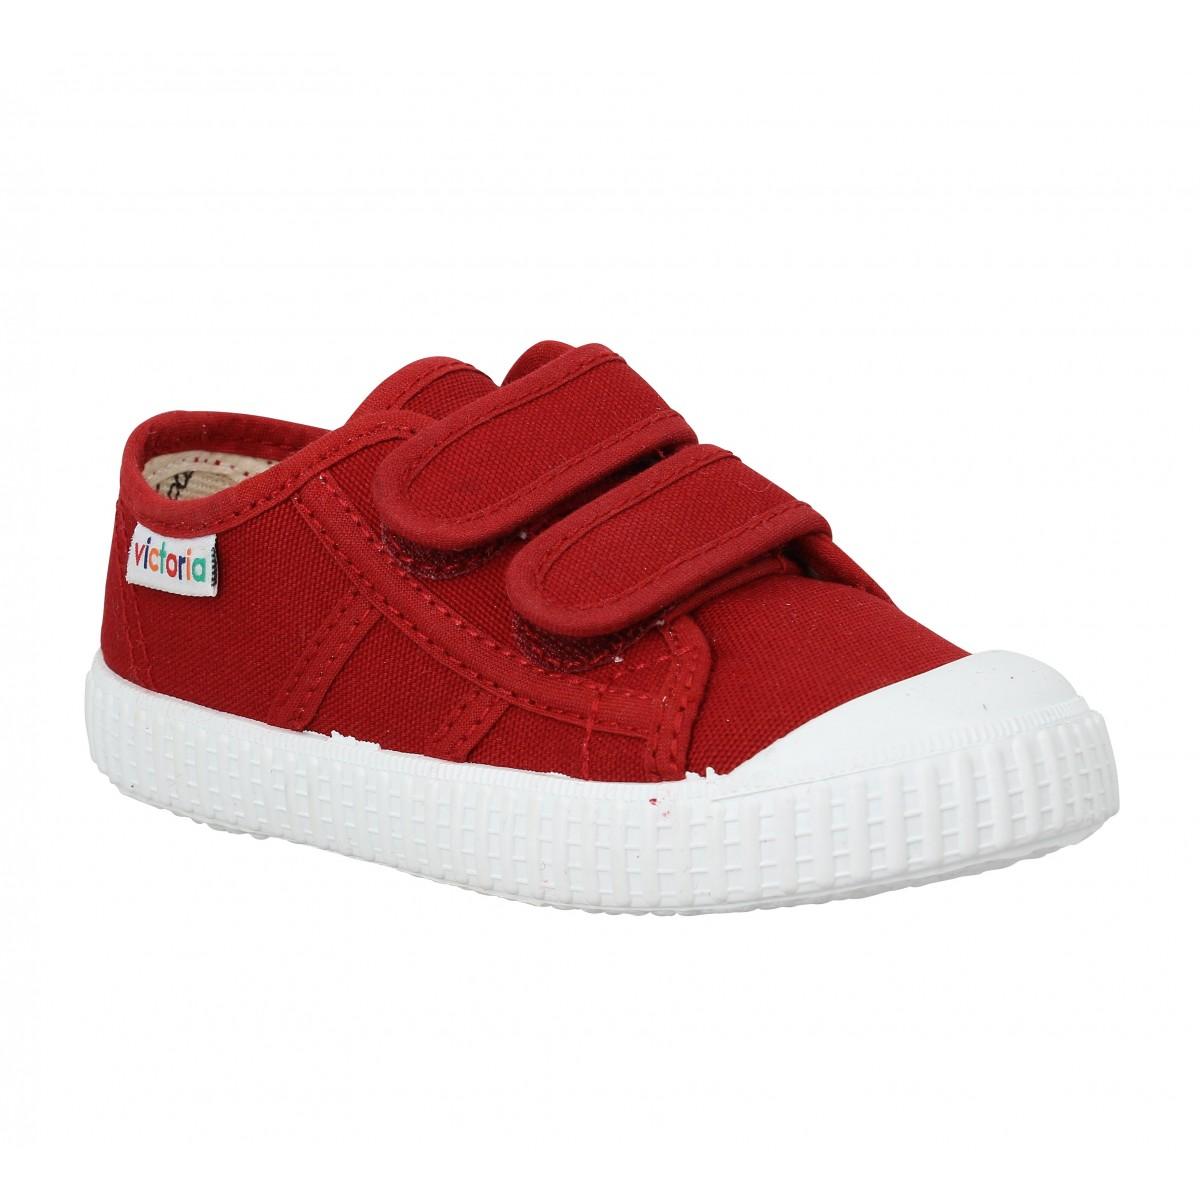 Baskets VICTORIA 36606 Velcro toile Enfant Rouge